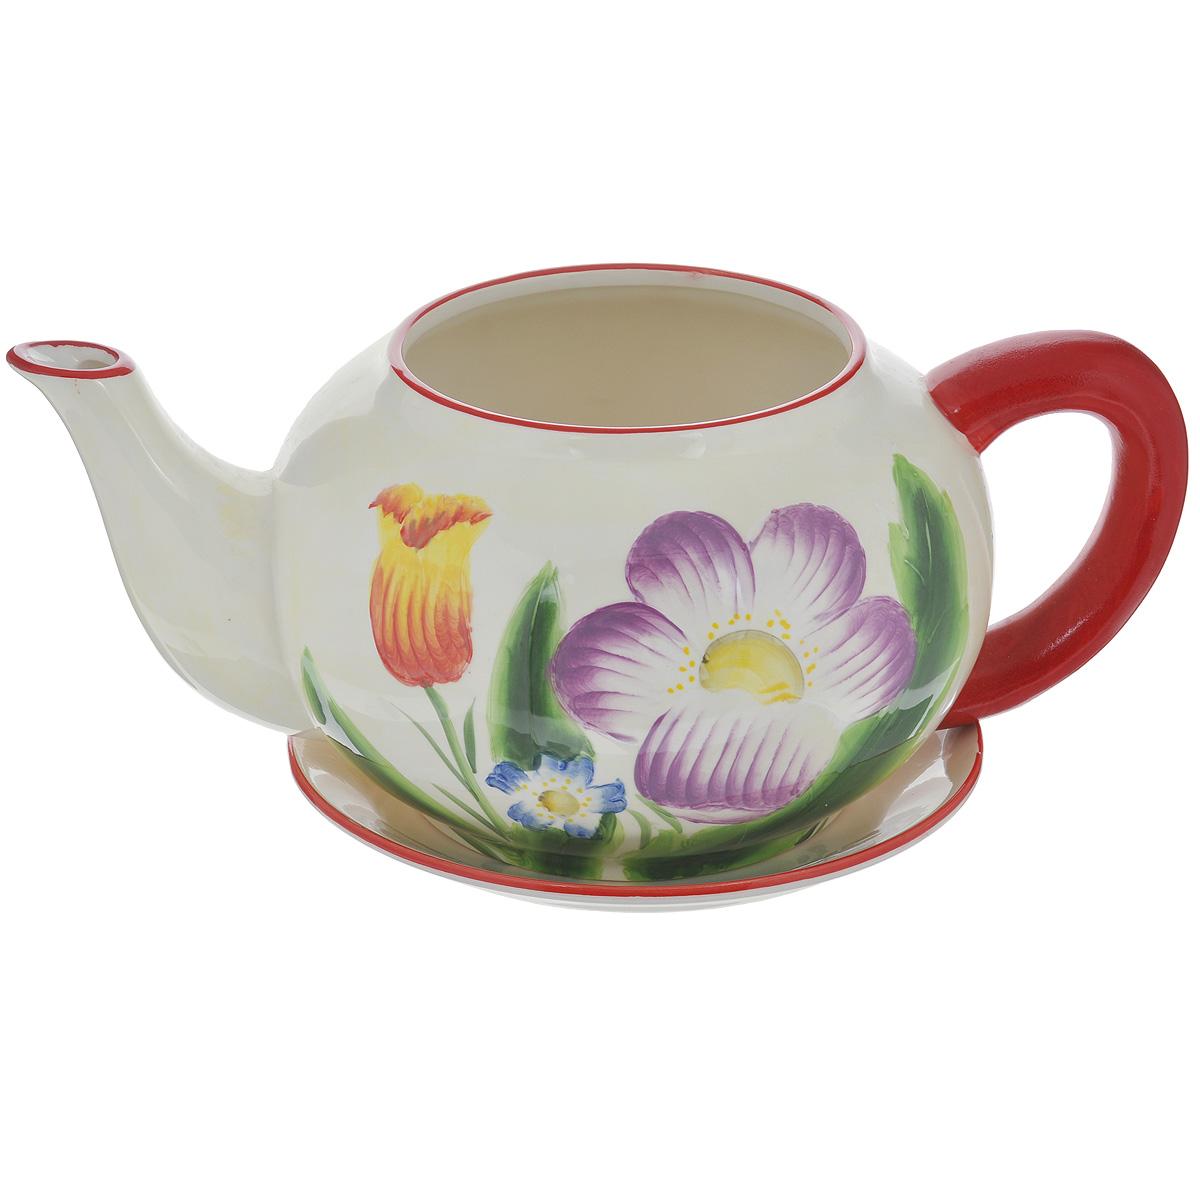 Кашпо Lillo Весенние цветы, с поддономXY10S012DКашпо-горшок для цветов Lillo Весенние цветы выполнен из прочной керамики в виде заварочного чайника с блюдцем. Изделие предназначено для цветов. Такие изделия часто становятся последним штрихом, который совершенно изменяет интерьер помещения или ландшафтный дизайн сада. Благодаря такому кашпо вы сможете украсить вашу комнату, офис, сад и другие места. Изделие оснащено специальным поддоном - блюдцем. Диаметр кашпо по верхнему краю: 14,5 см. Высота кашпо (без учета поддона): 16 см. Диаметр поддона: 23 см.